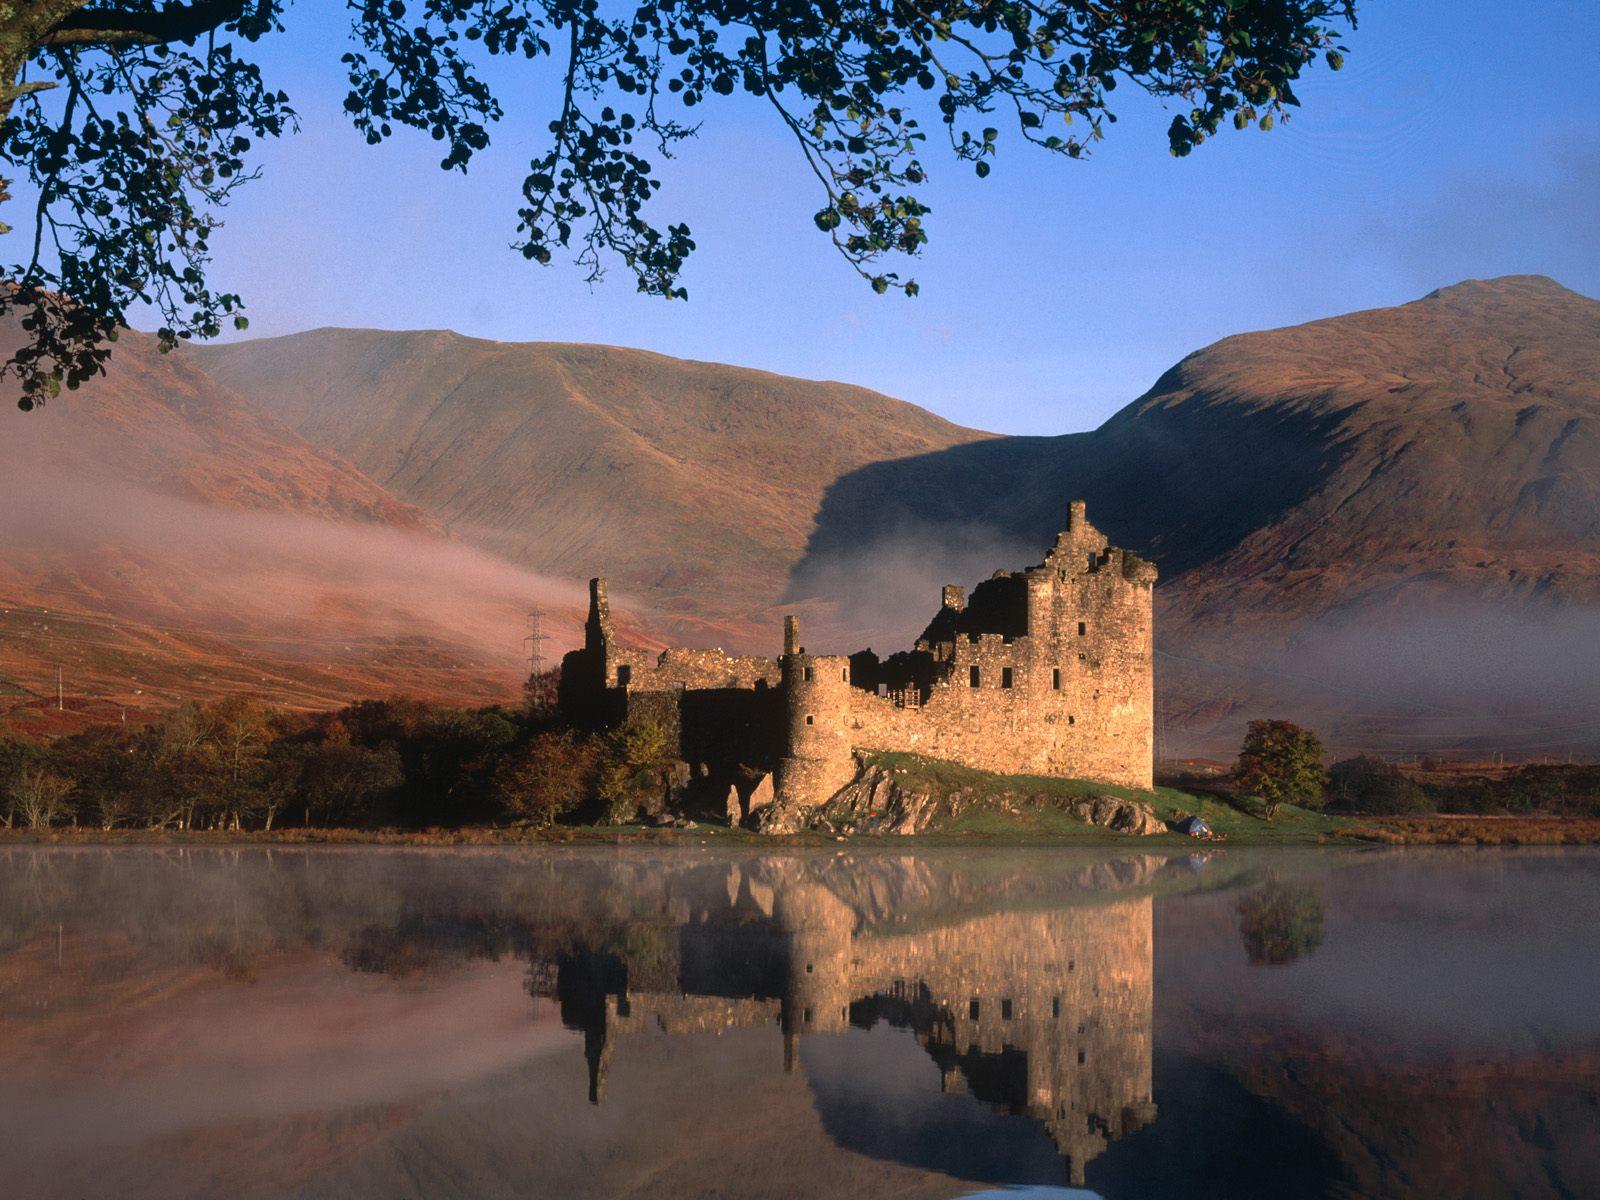 Edinburgh castle 2 for 1 vouchers 2013